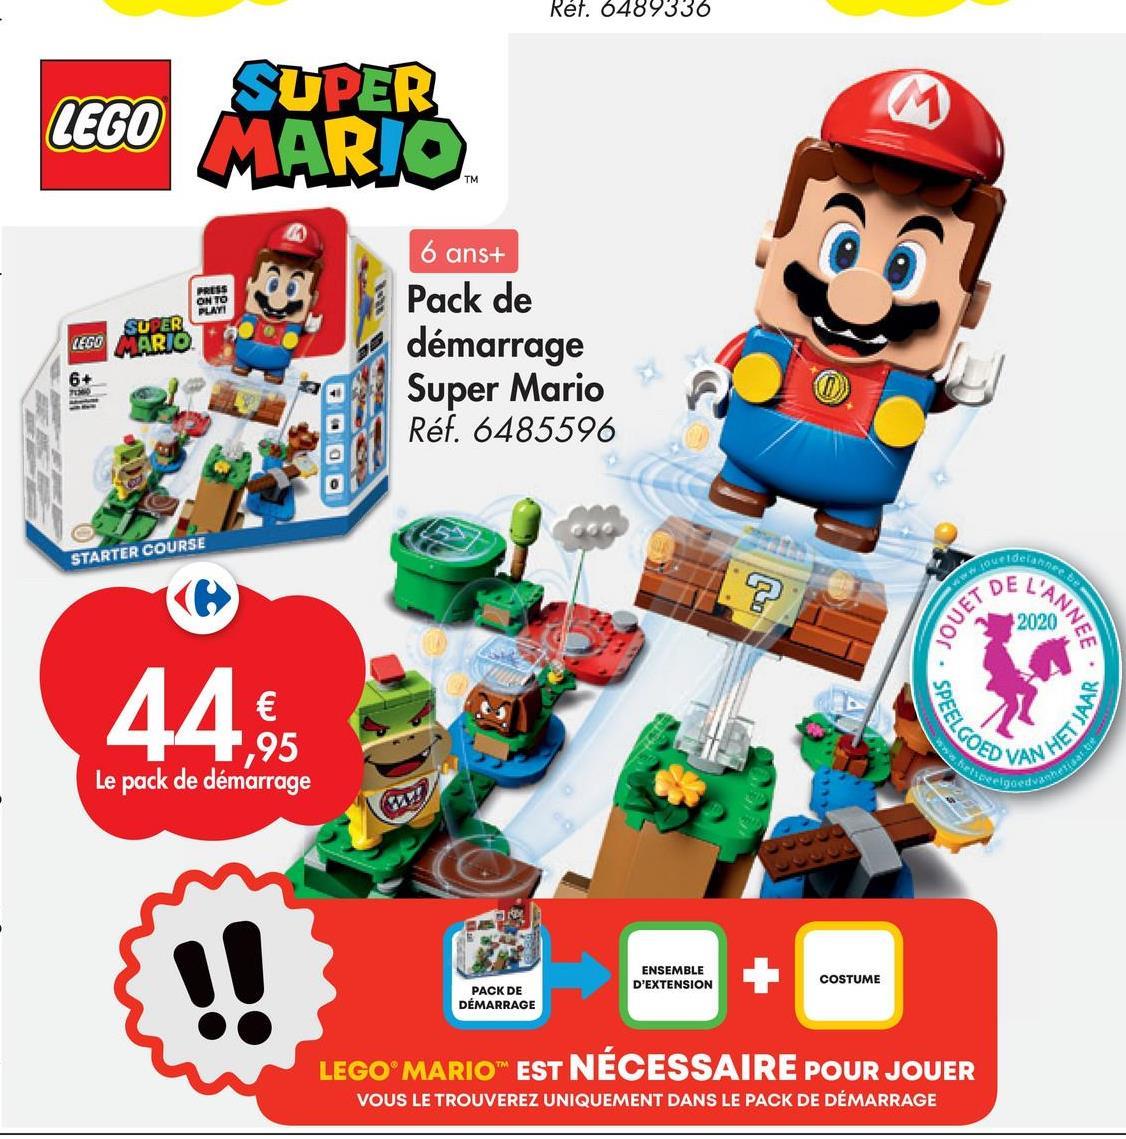 Bespeelgoed vahetigaste Réf. 6489336 SUPER LEGO MARIO TM PRESS ON TO PLAY SUPER LEGO MARIO 6 ans+ Pack de démarrage Super Mario Réf. 6485596 6+ STARTER COURSE Ideianne DE L'ANNEE JOUET 2020 44. ,95 SPEELGOED HET JAAR Le pack de démarrage ENSEMBLE D'EXTENSION COSTUME PACK DE DÉMARRAGE LEGO MARIO EST NÉCESSAIRE POUR JOUER VOUS LE TROUVEREZ UNIQUEMENT DANS LE PACK DE DÉMARRAGE